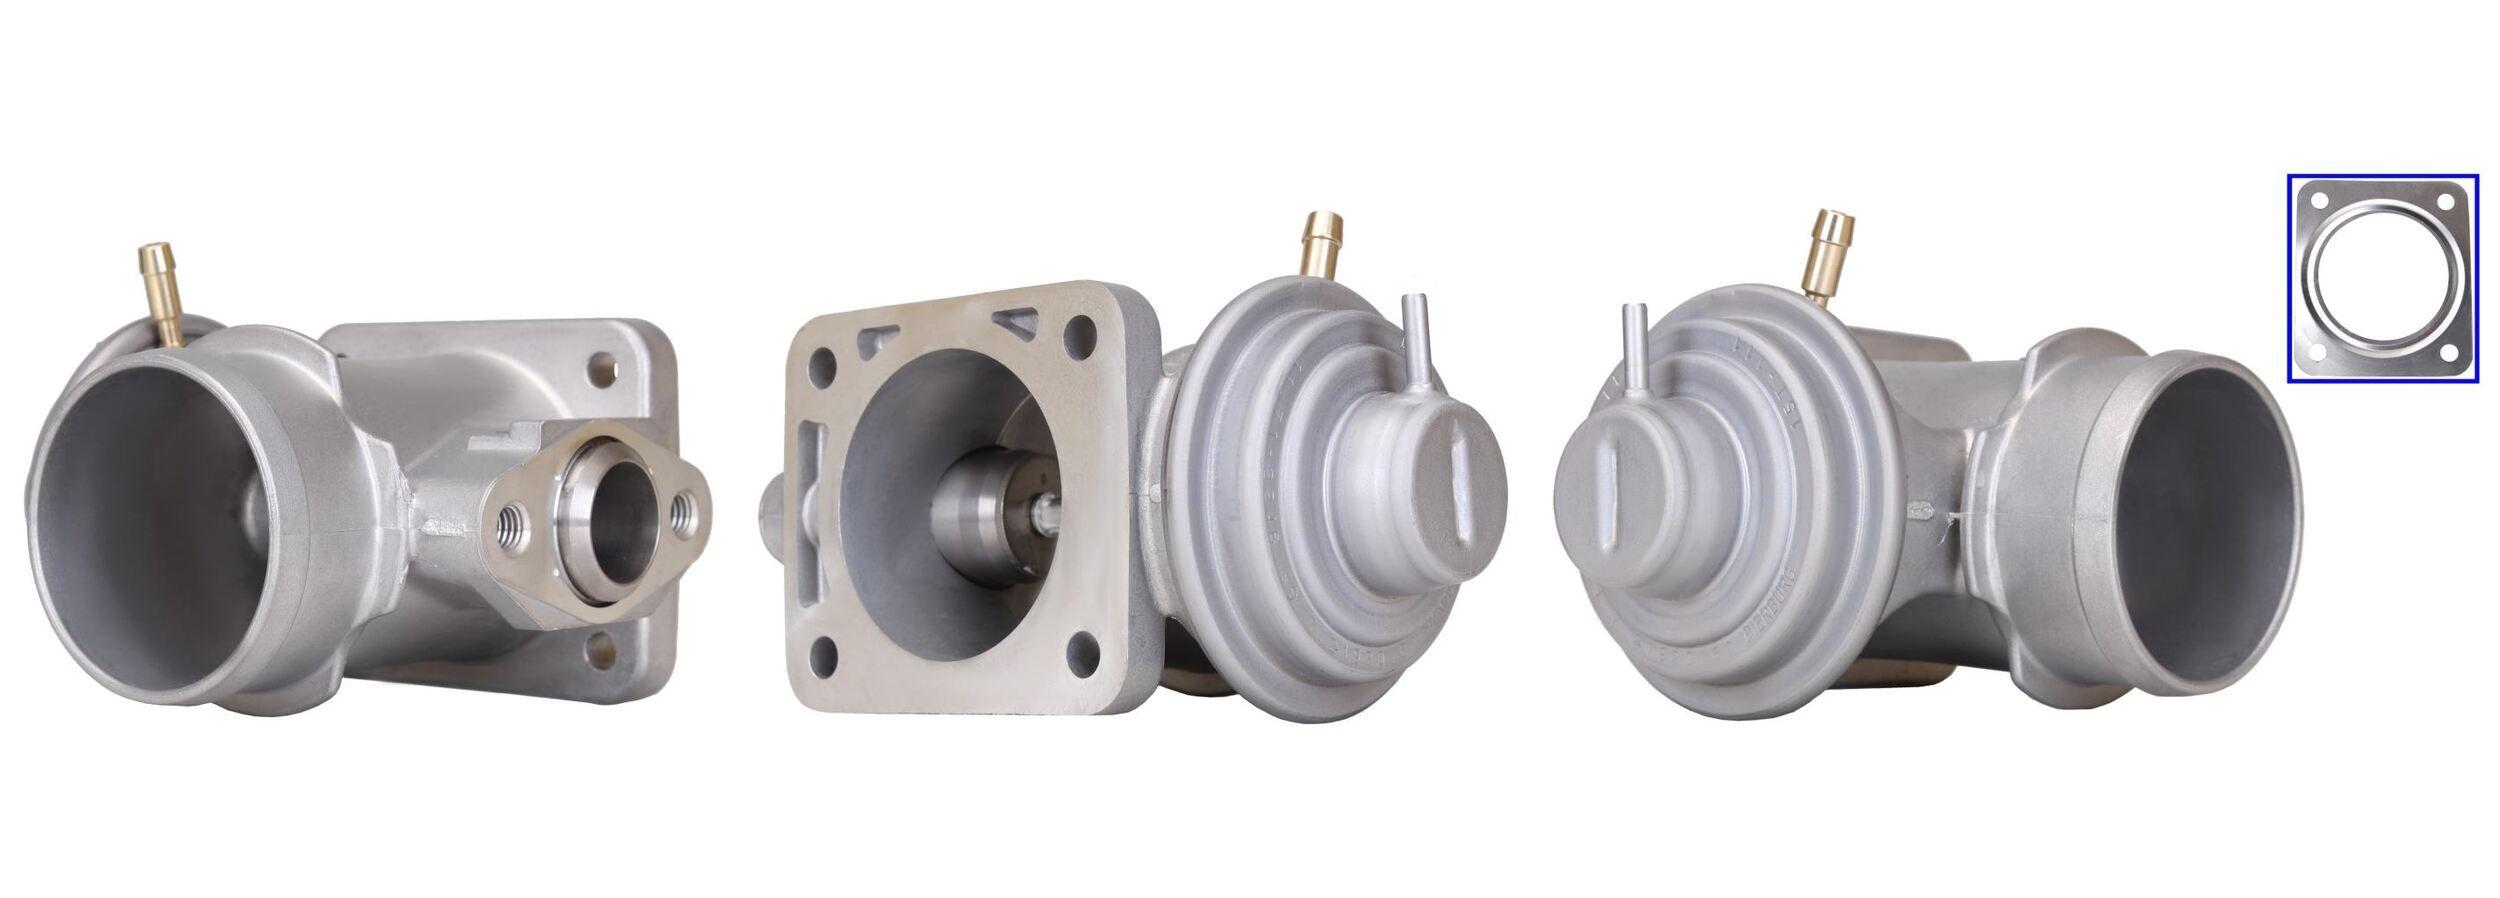 717710203 DRI pneumatisch, mit Dichtungen AGR-Ventil 717710203 günstig kaufen